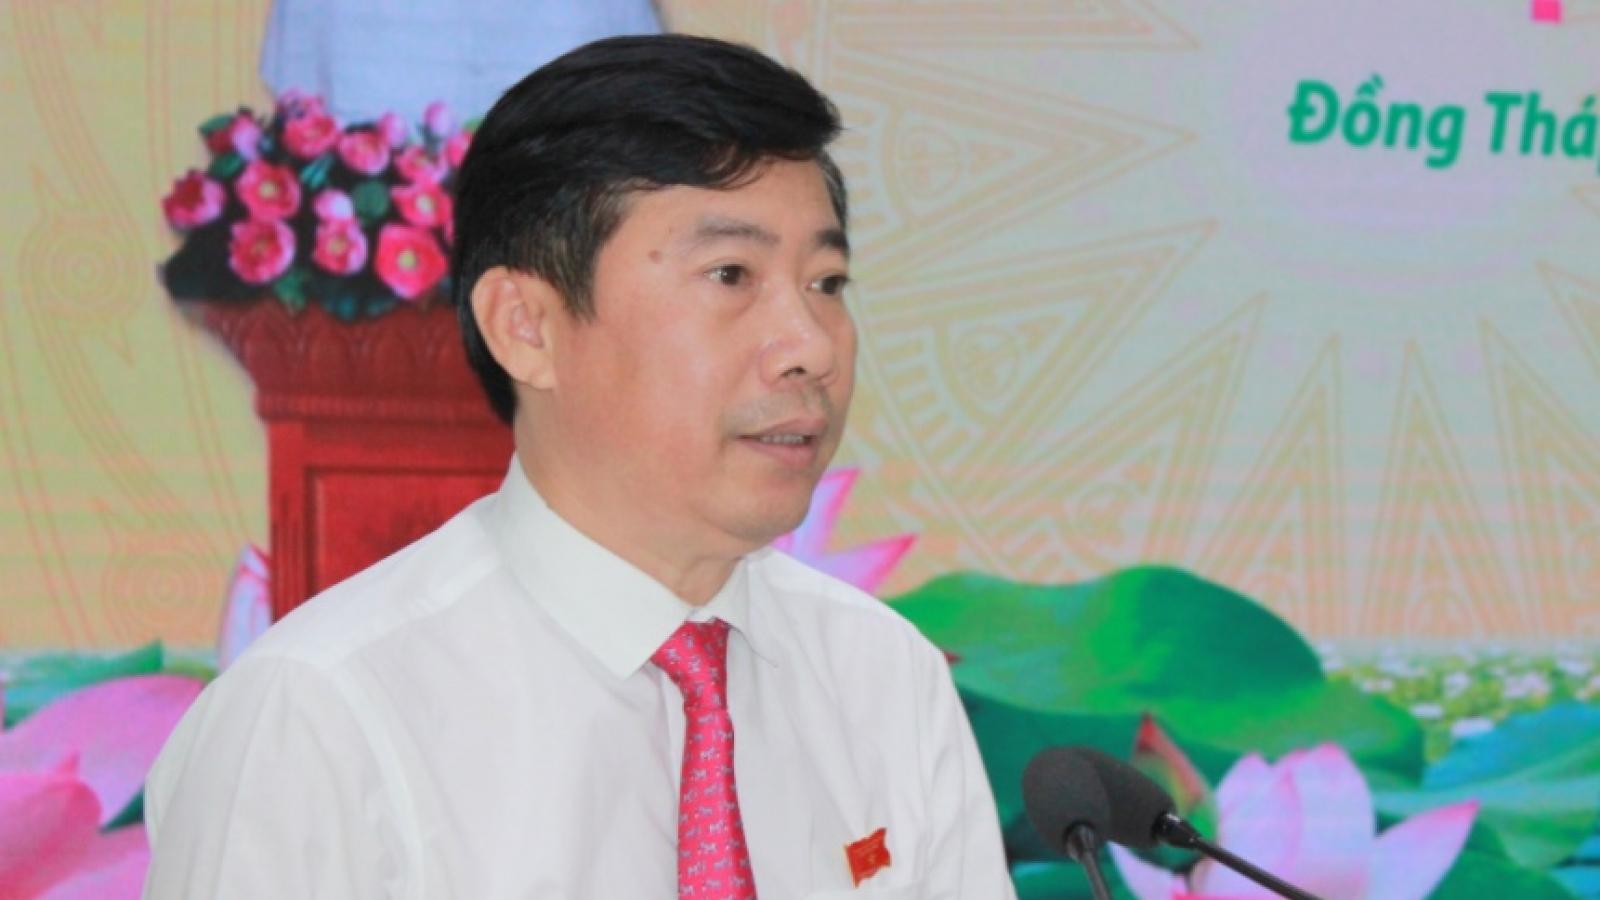 Đồng Tháp bầu Chủ tịch và Phó Chủ tịch UBND tỉnh